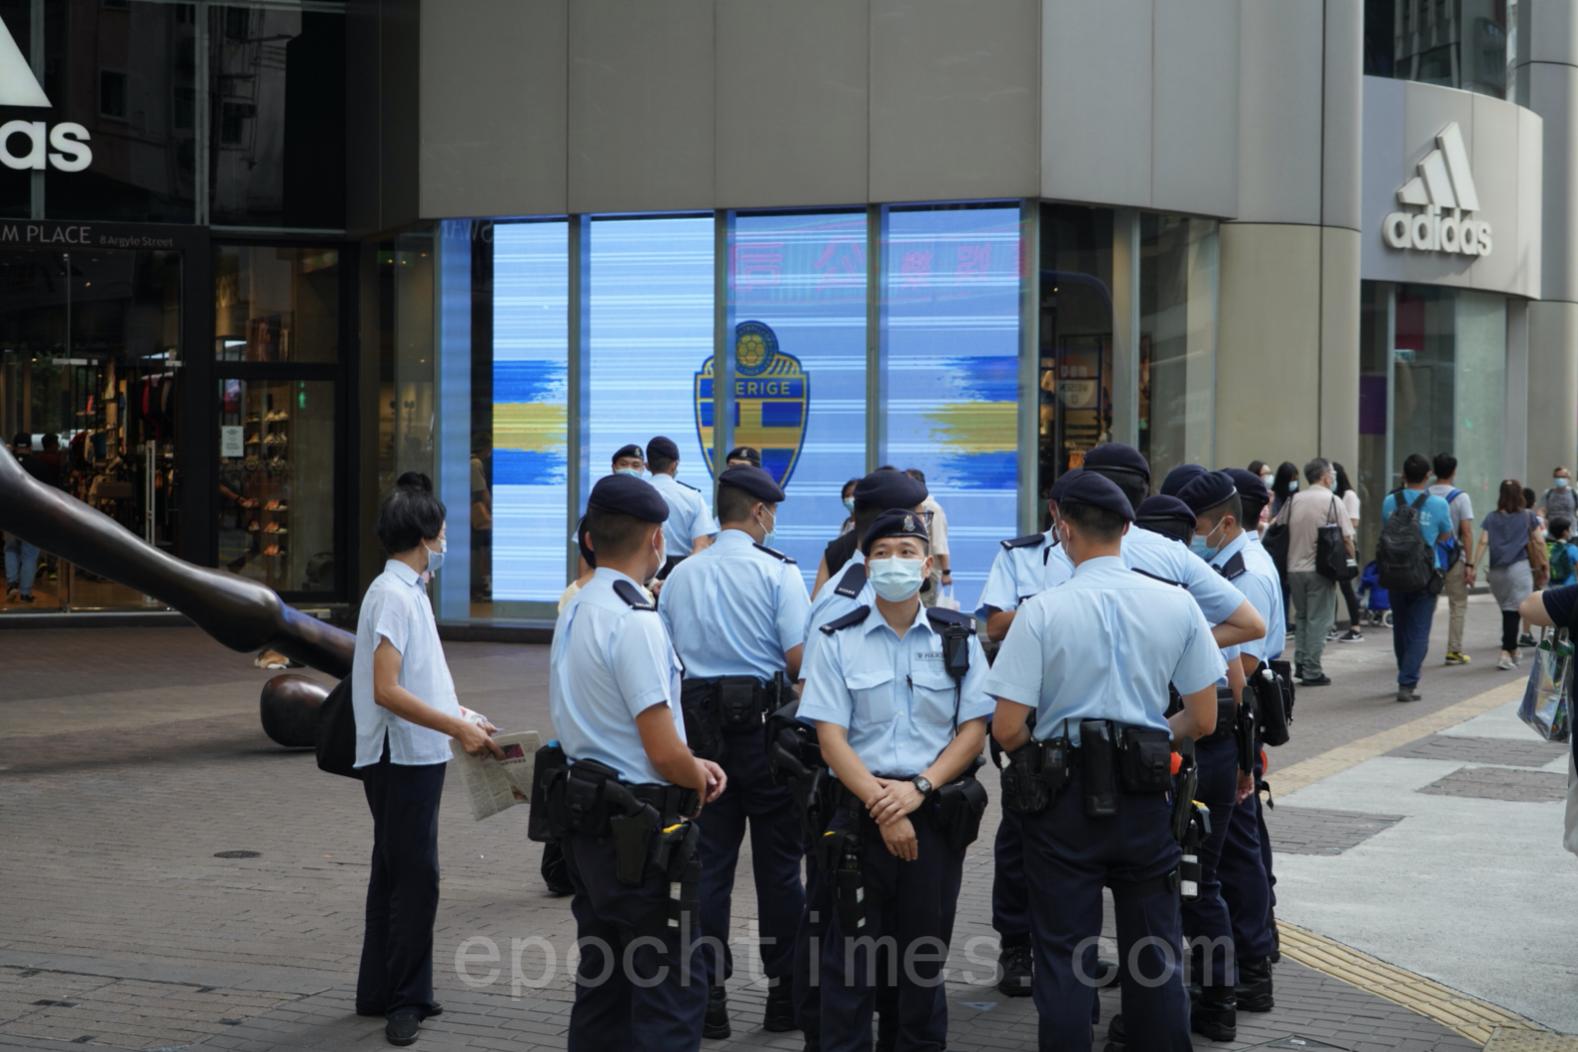 臨近71,警方高度戒備,旺角朗豪坊已見十數名警員戒備。(余鋼/大紀元)